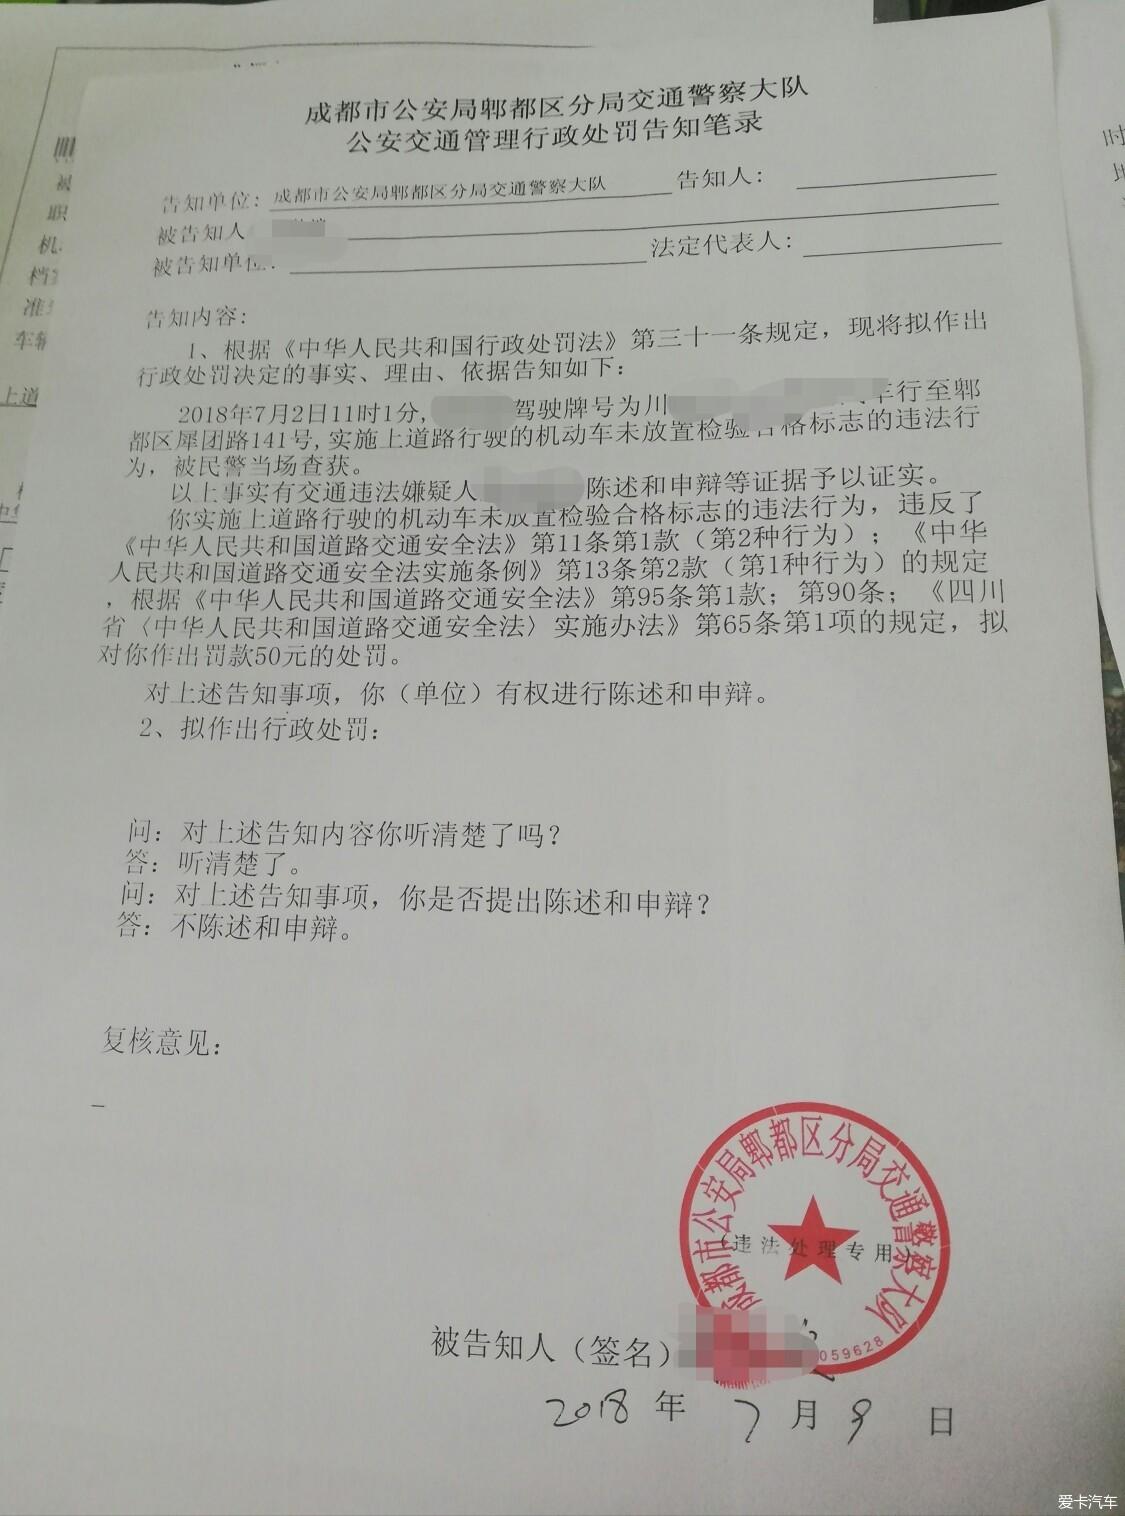 【图】- 沈阳实惠的交通违章处理代办_违章罚款... - 沈阳百姓网